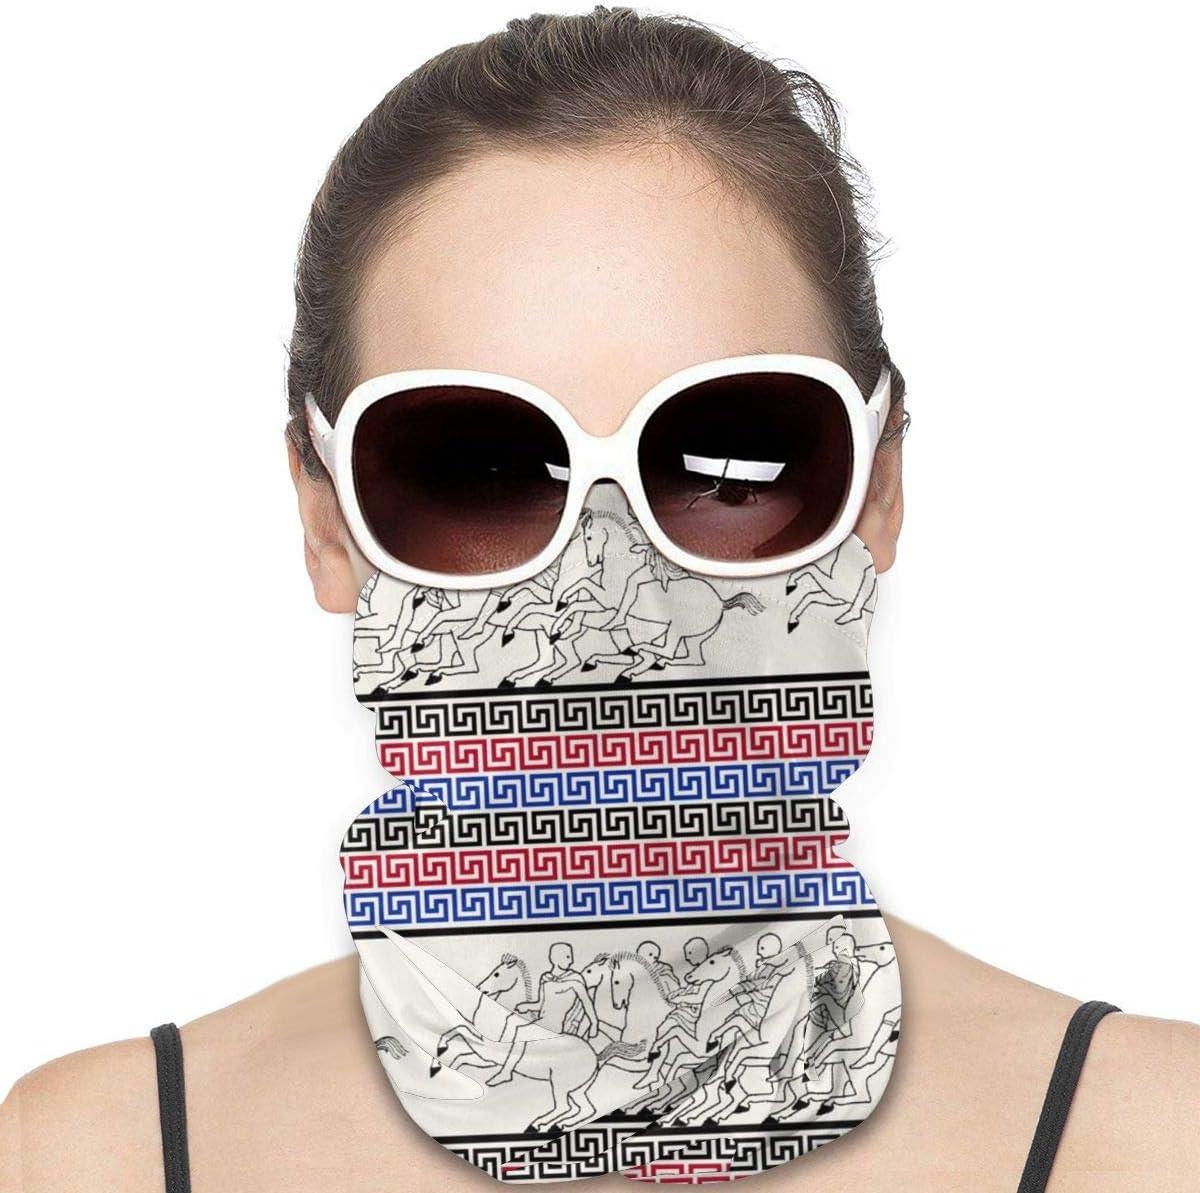 Nonebrand Unisex Headwear Face Magic bufanda máscara diadema cuello polainas polainas para deportes al aire libre, llaves griegas con carreras de caballos en mármol